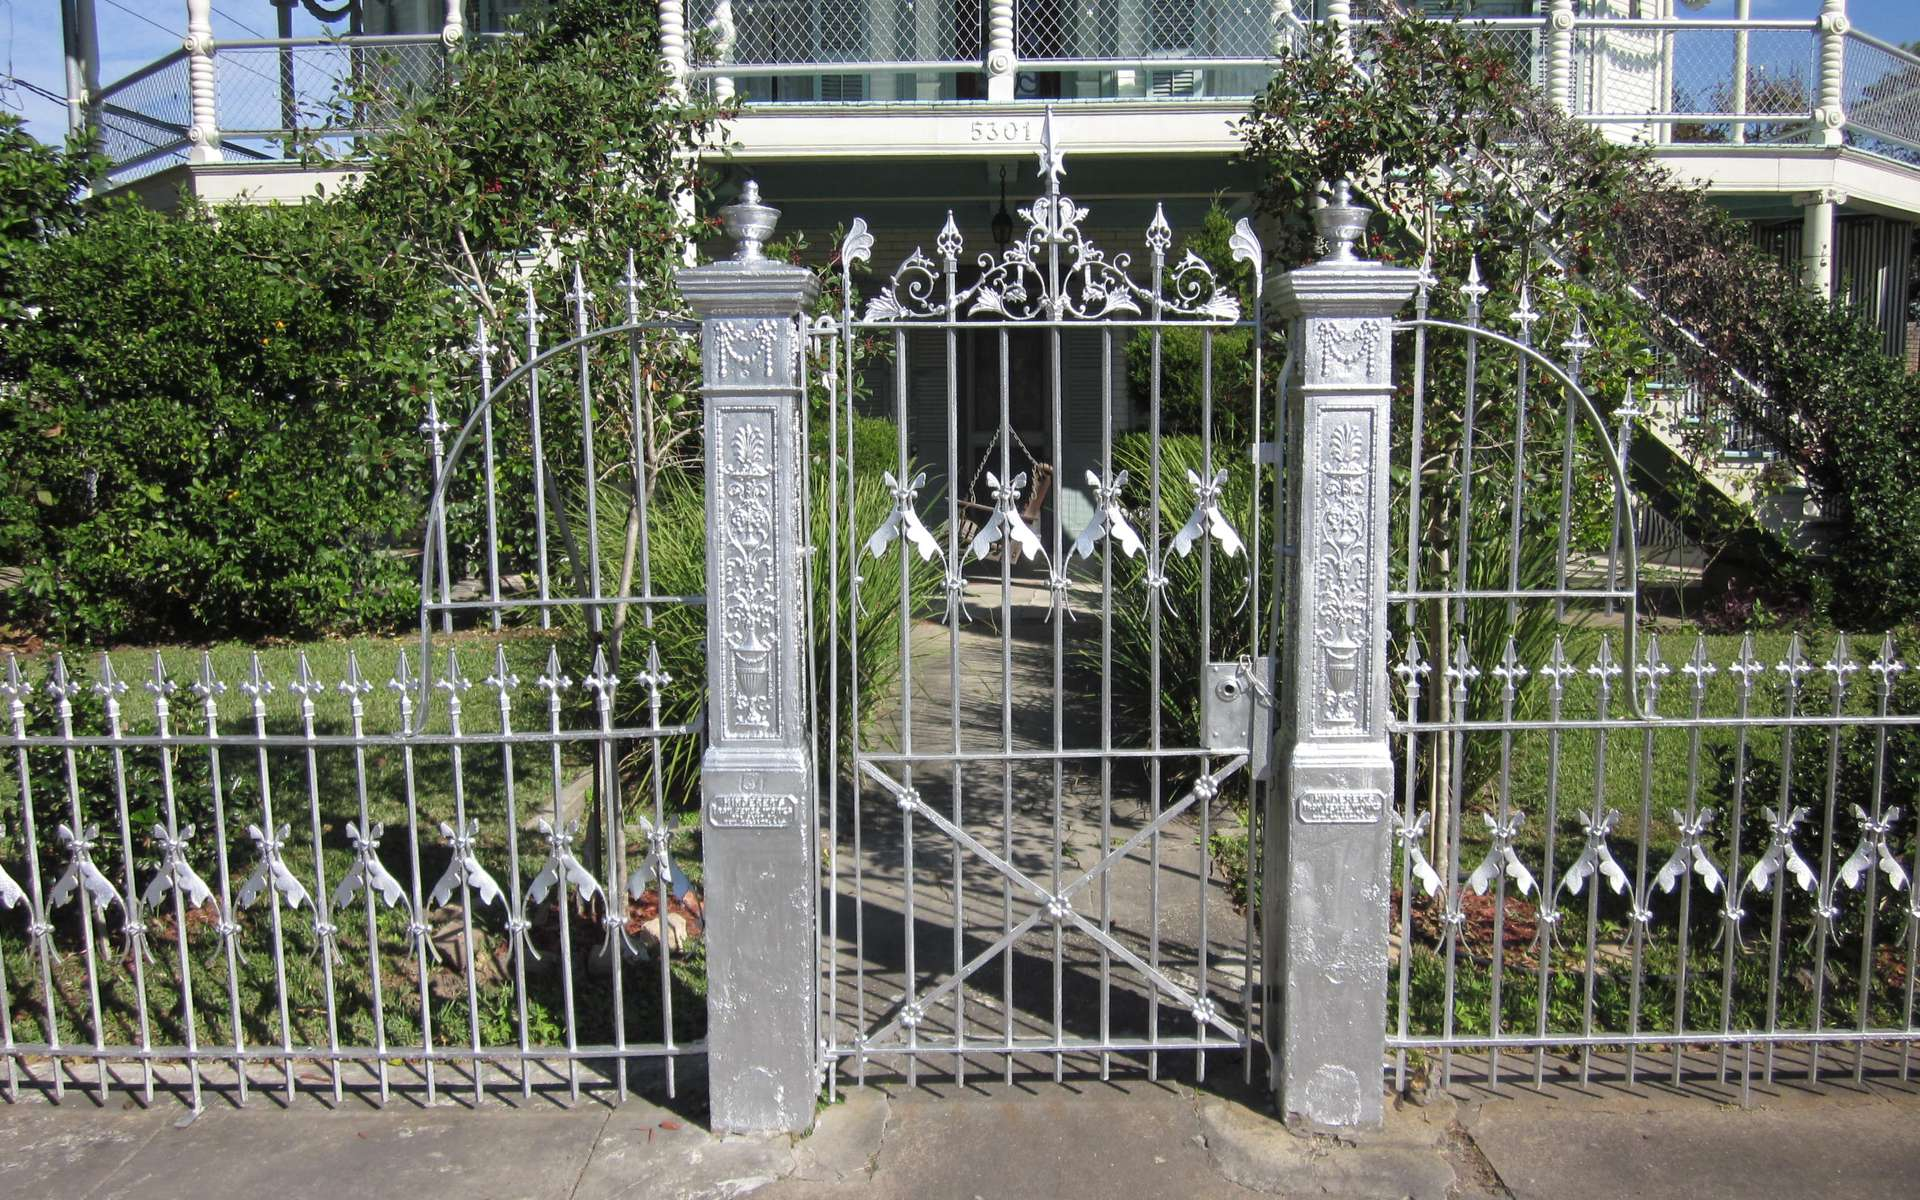 La pose d'un pilier de portail est une étape importante dans son installation. © Infrogmation of New Orleans, Wikipédia, CC-BY-SA-3.0-2.5-2.0-1.0